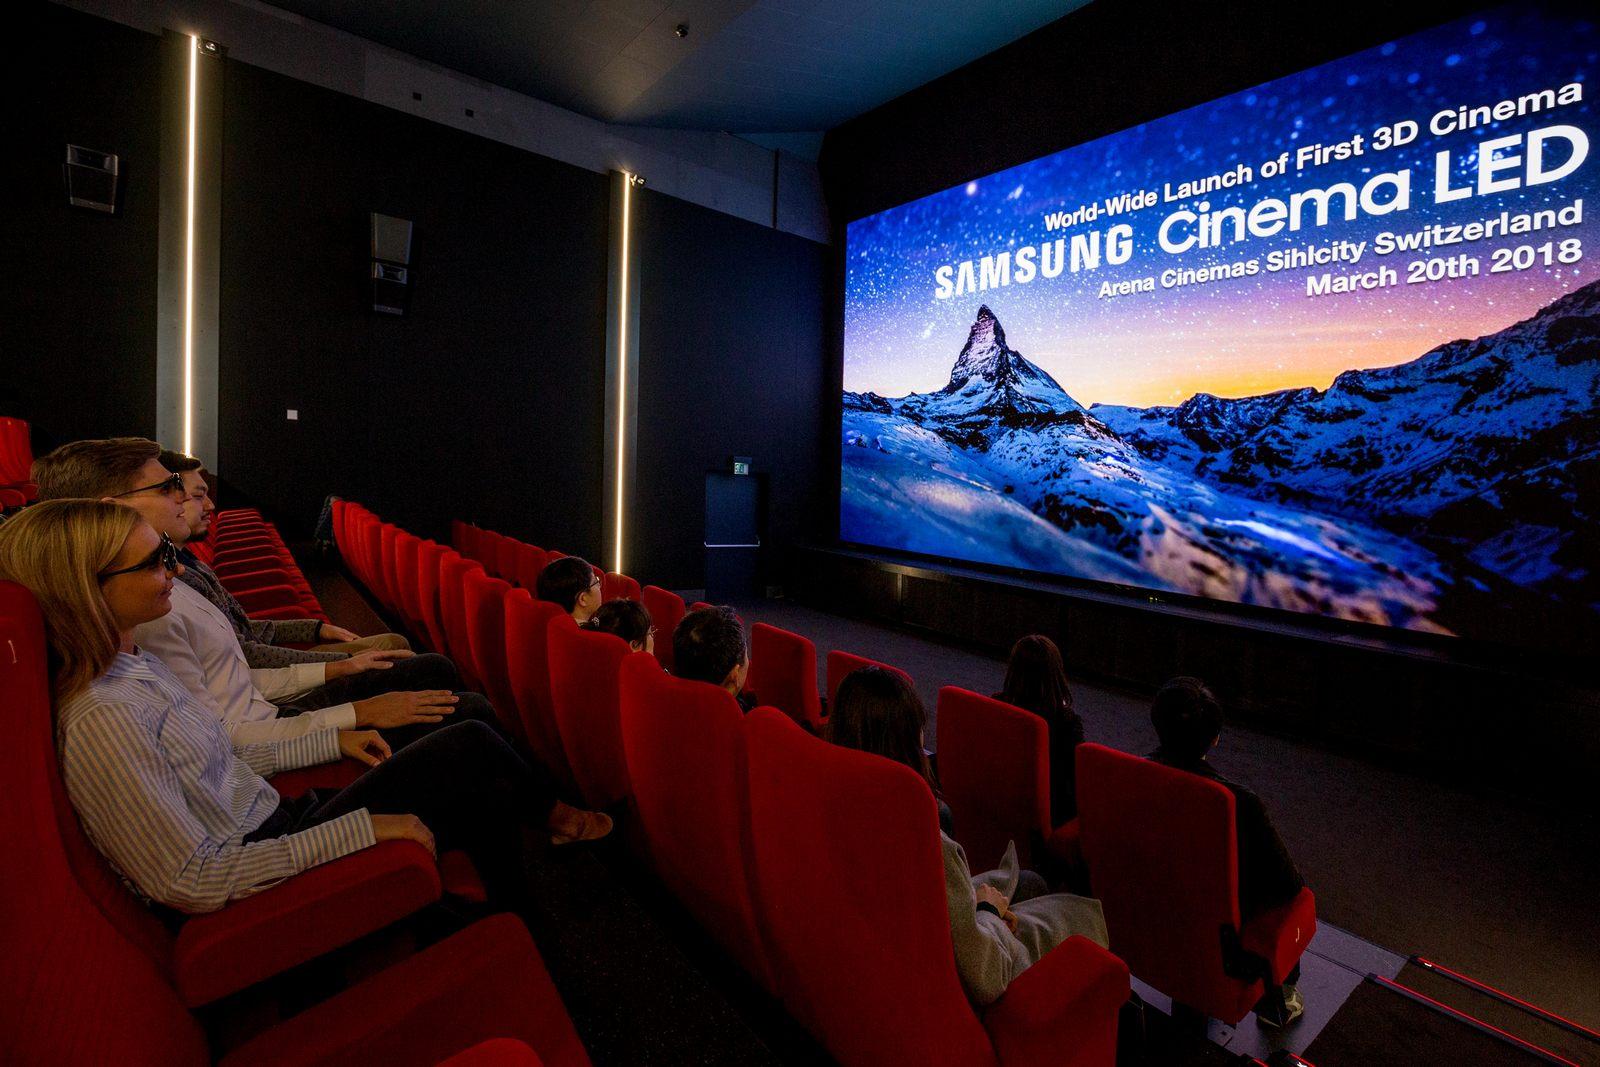 samsung cinema led screen kommt nach europa hartware. Black Bedroom Furniture Sets. Home Design Ideas